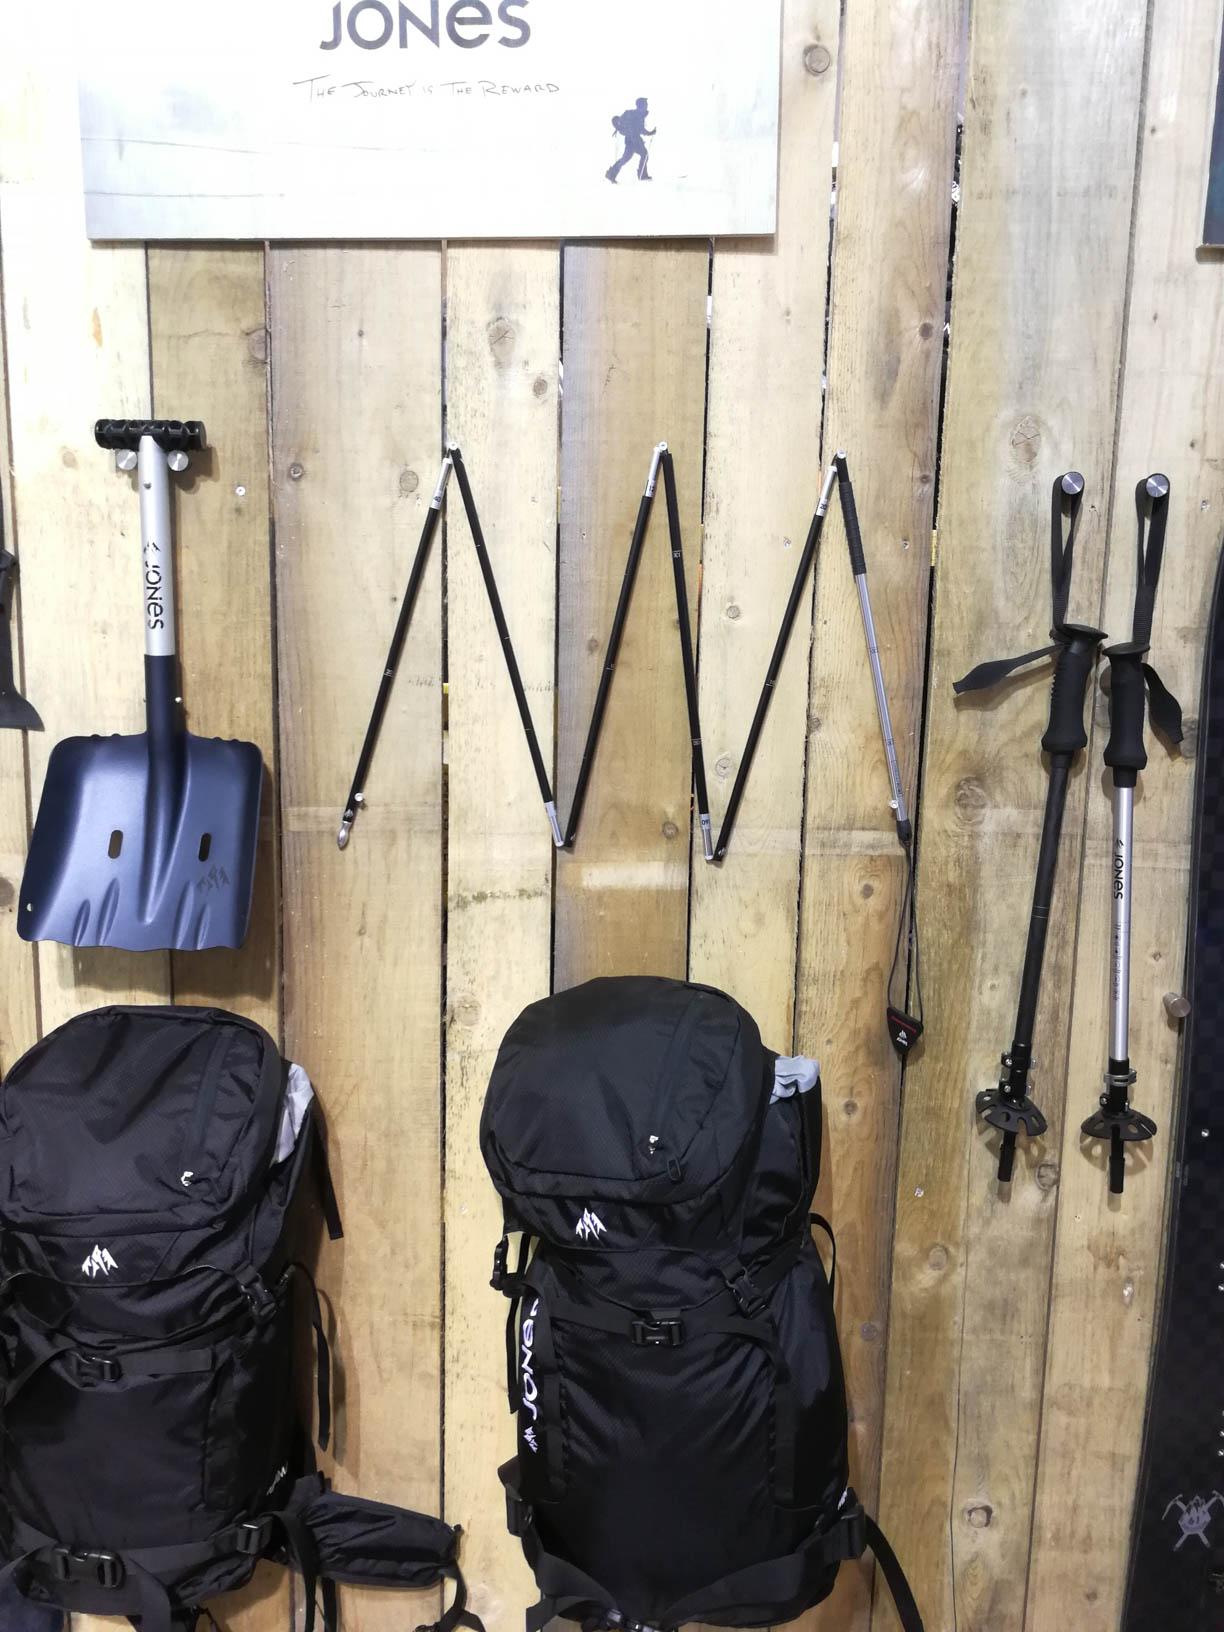 Lawinenausrüstung von Jones Snowboards: Excavator Shovel, Strike 240 Probe, Explorer Carbon